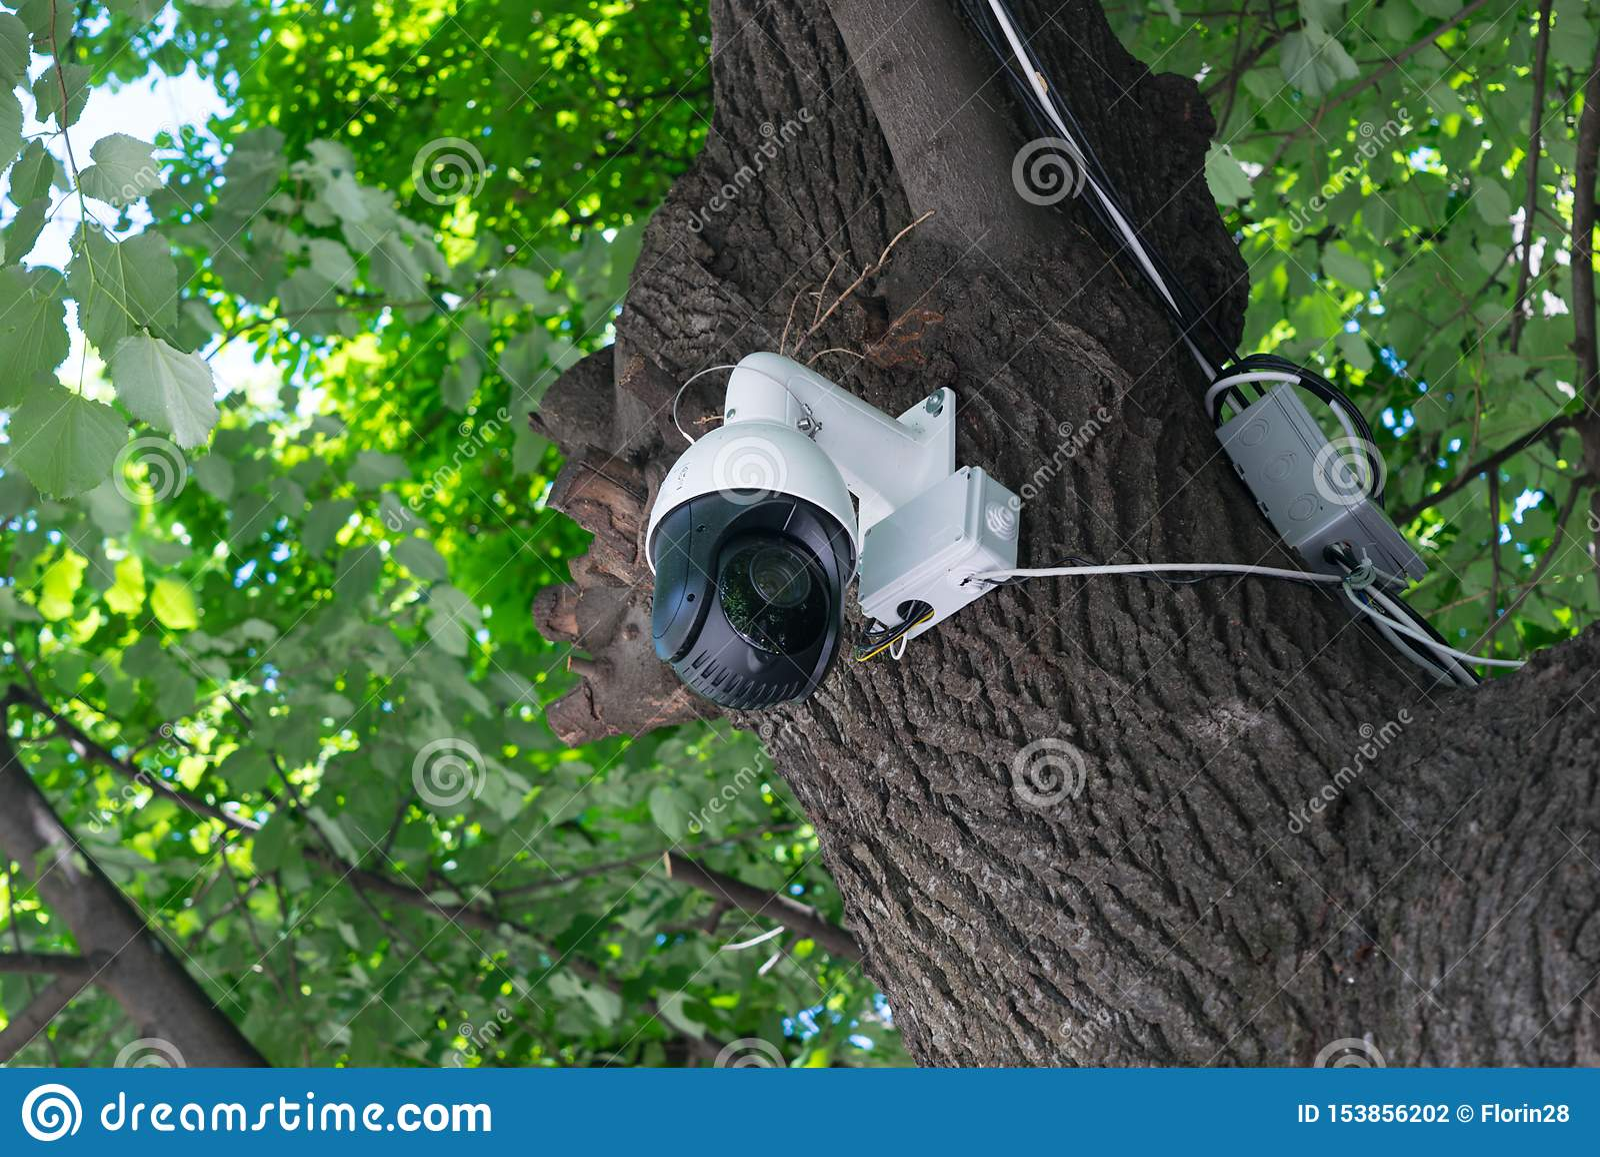 Κάμερα CCTV 360 επιτήρησης που τοποθετείται σε ένα δέντρο στο πάρκο